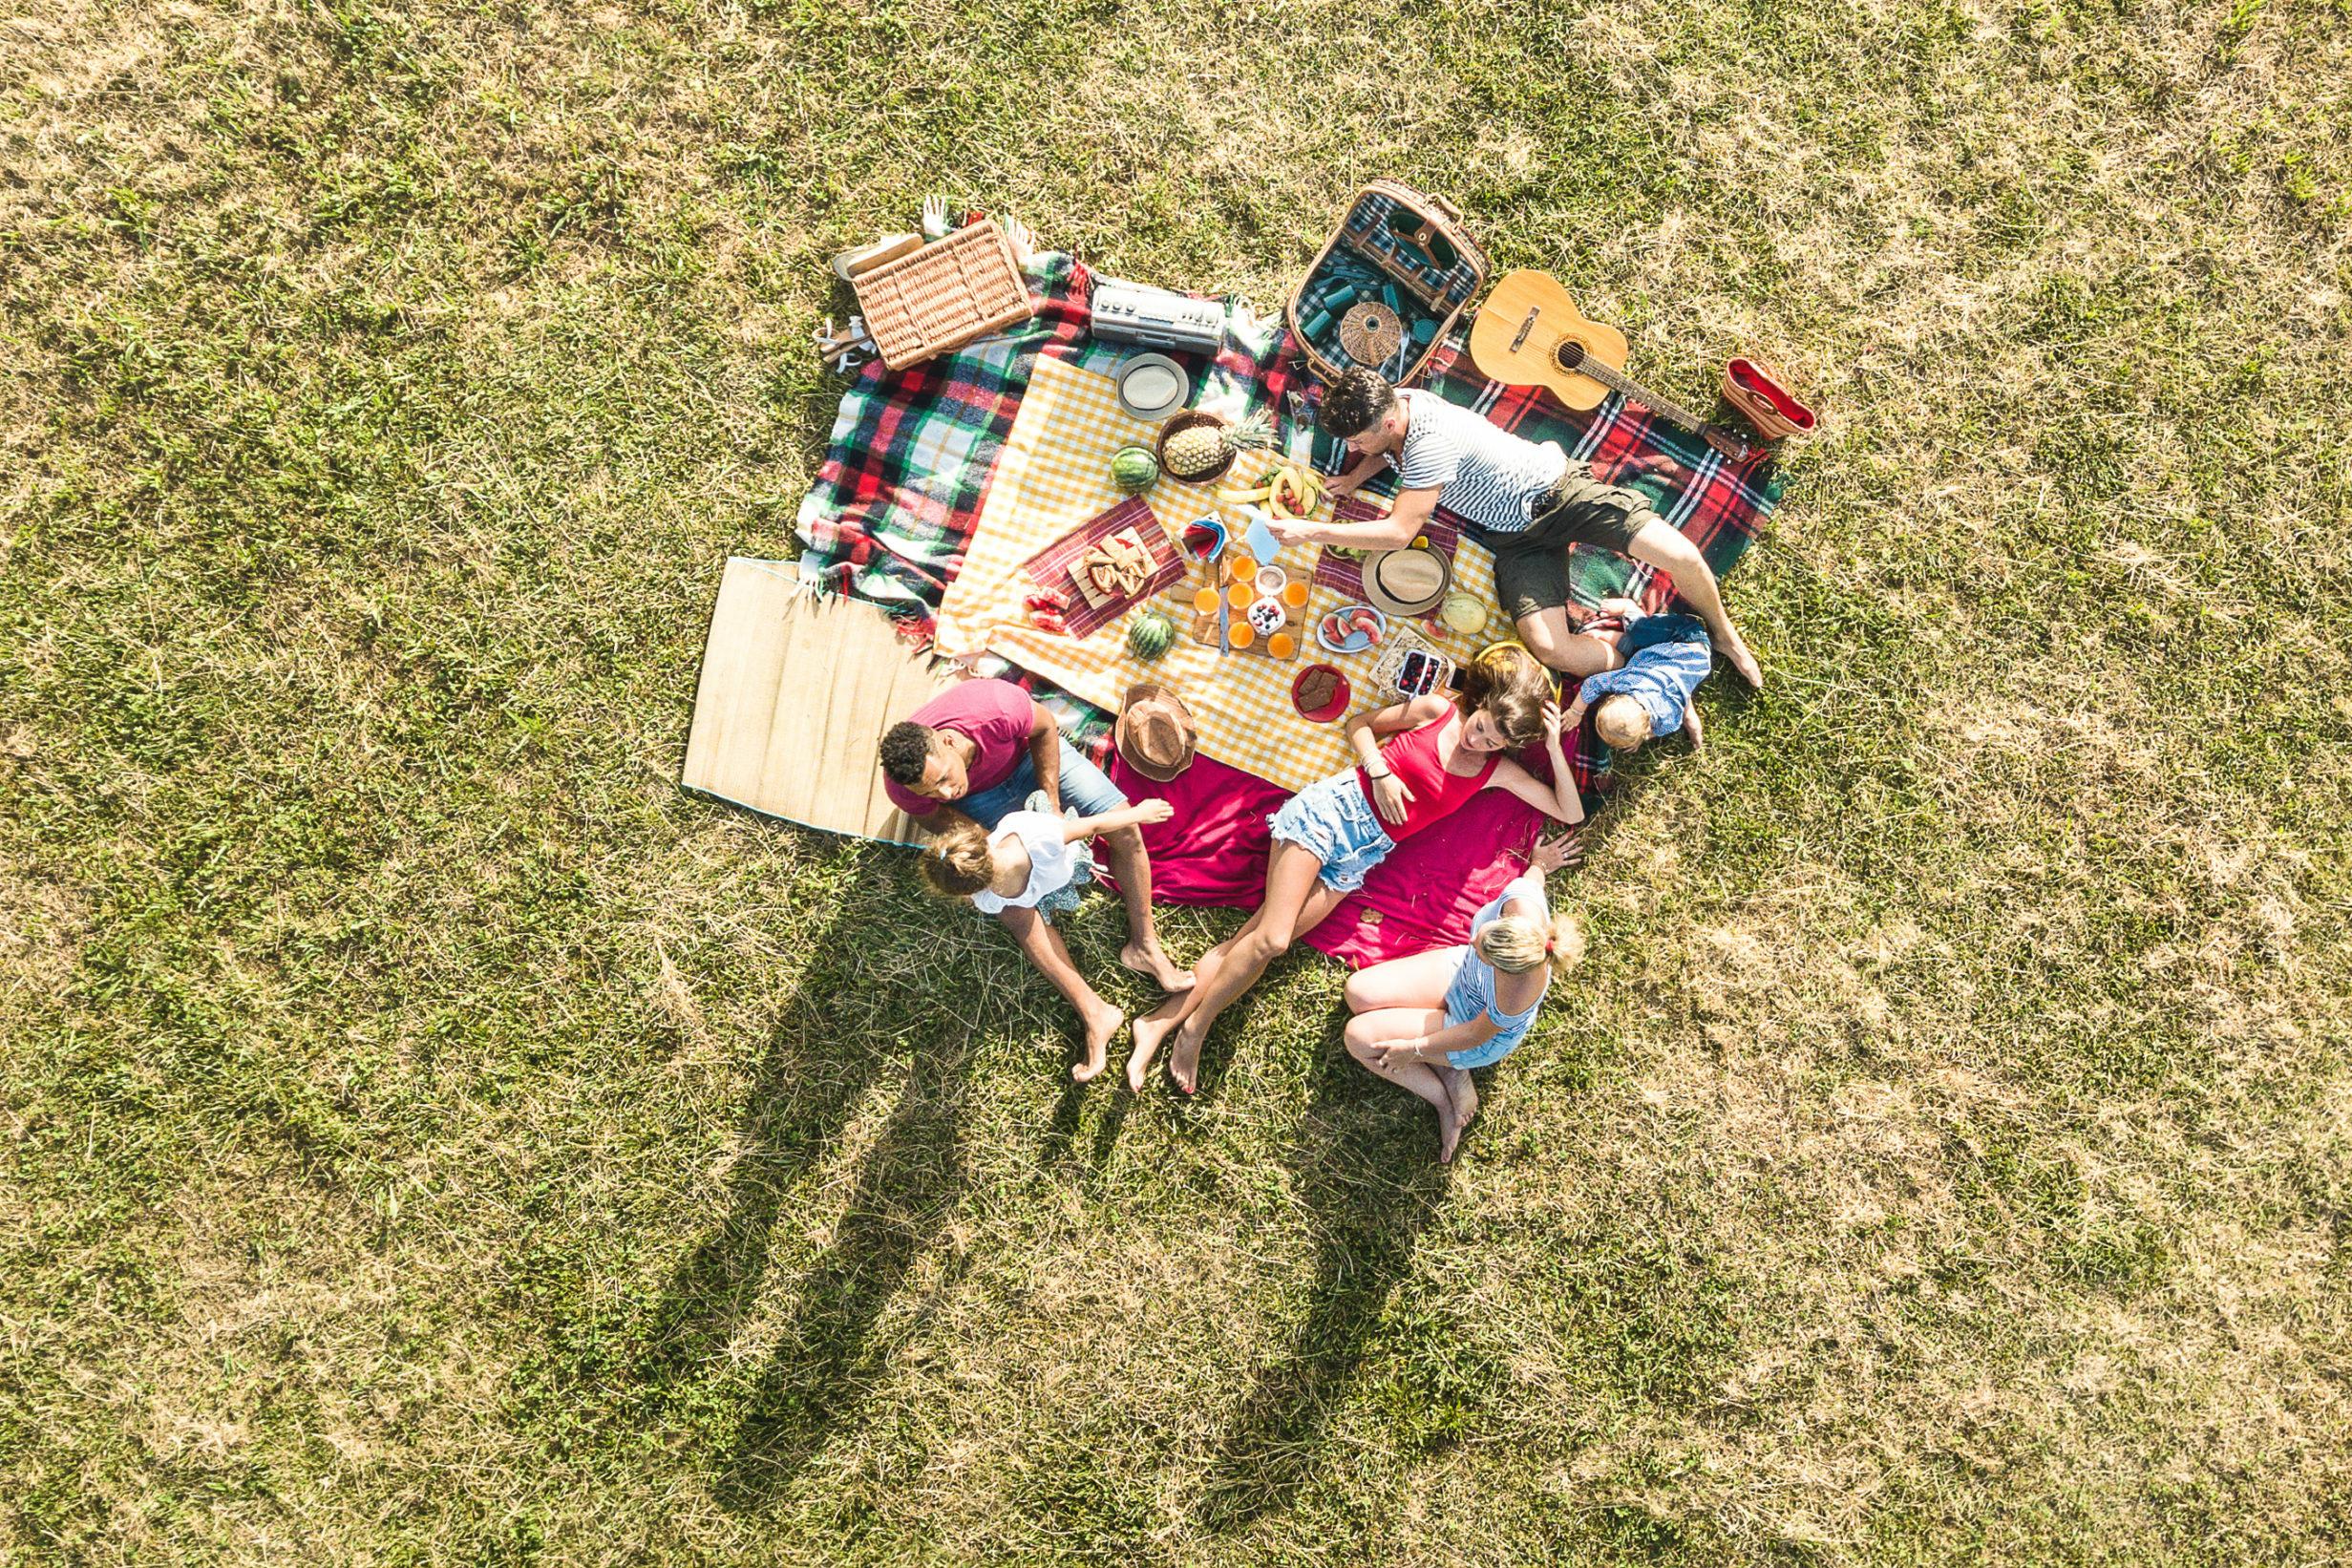 Ausflug: Familie auf einer Picknickdecke mit Speisen und Getränken auf der Wiese